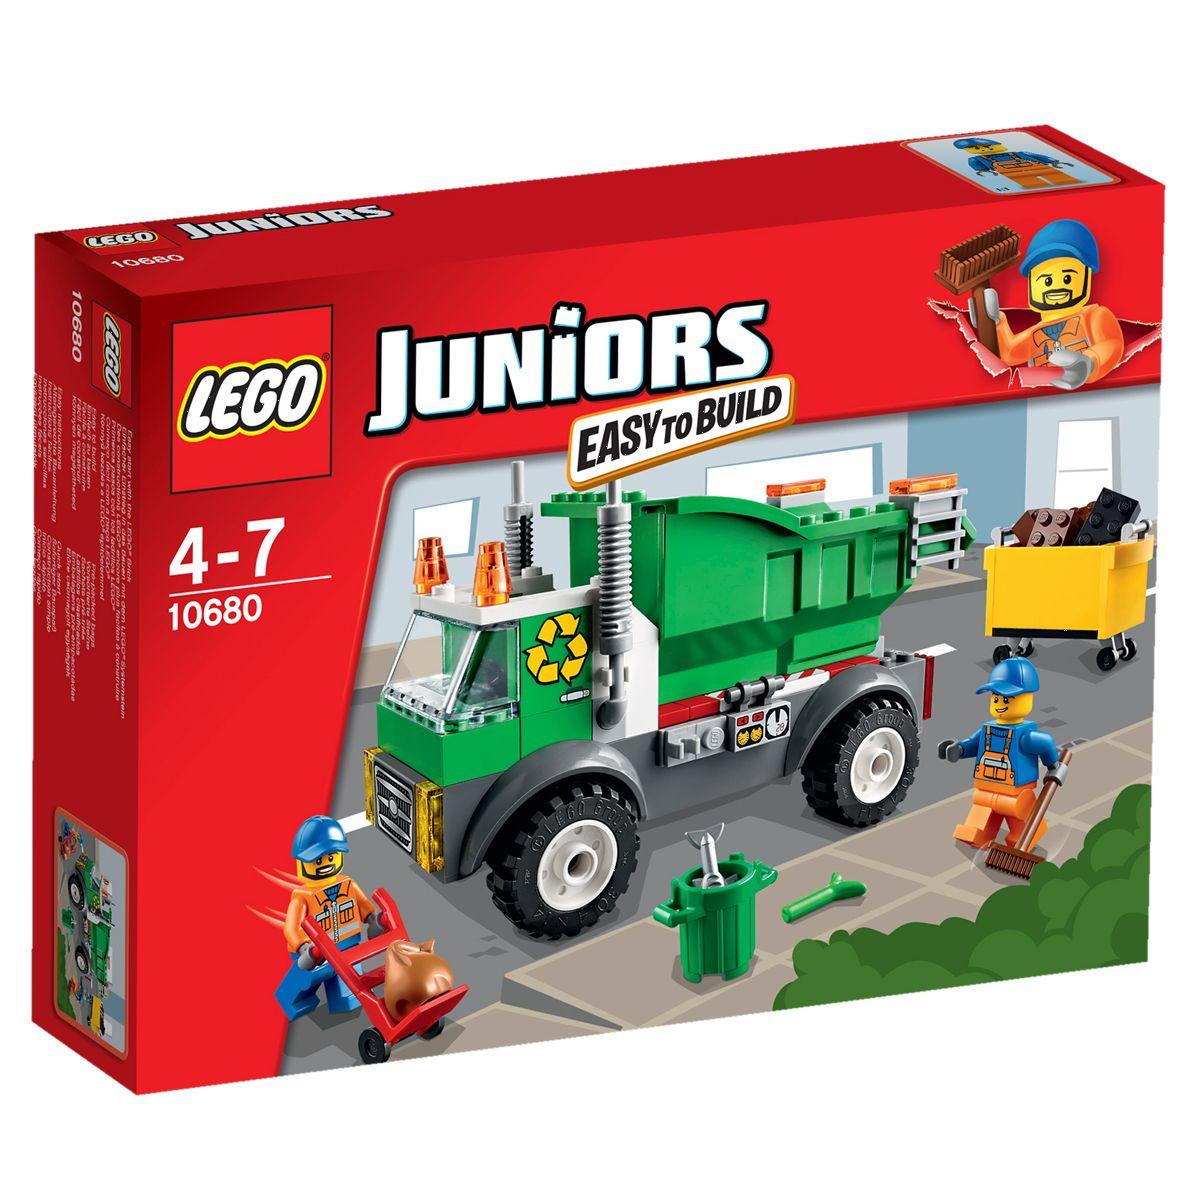 Urbains Le Poubelle Juniors Ville Camion Lego Et Univers 10680 UzVpMS